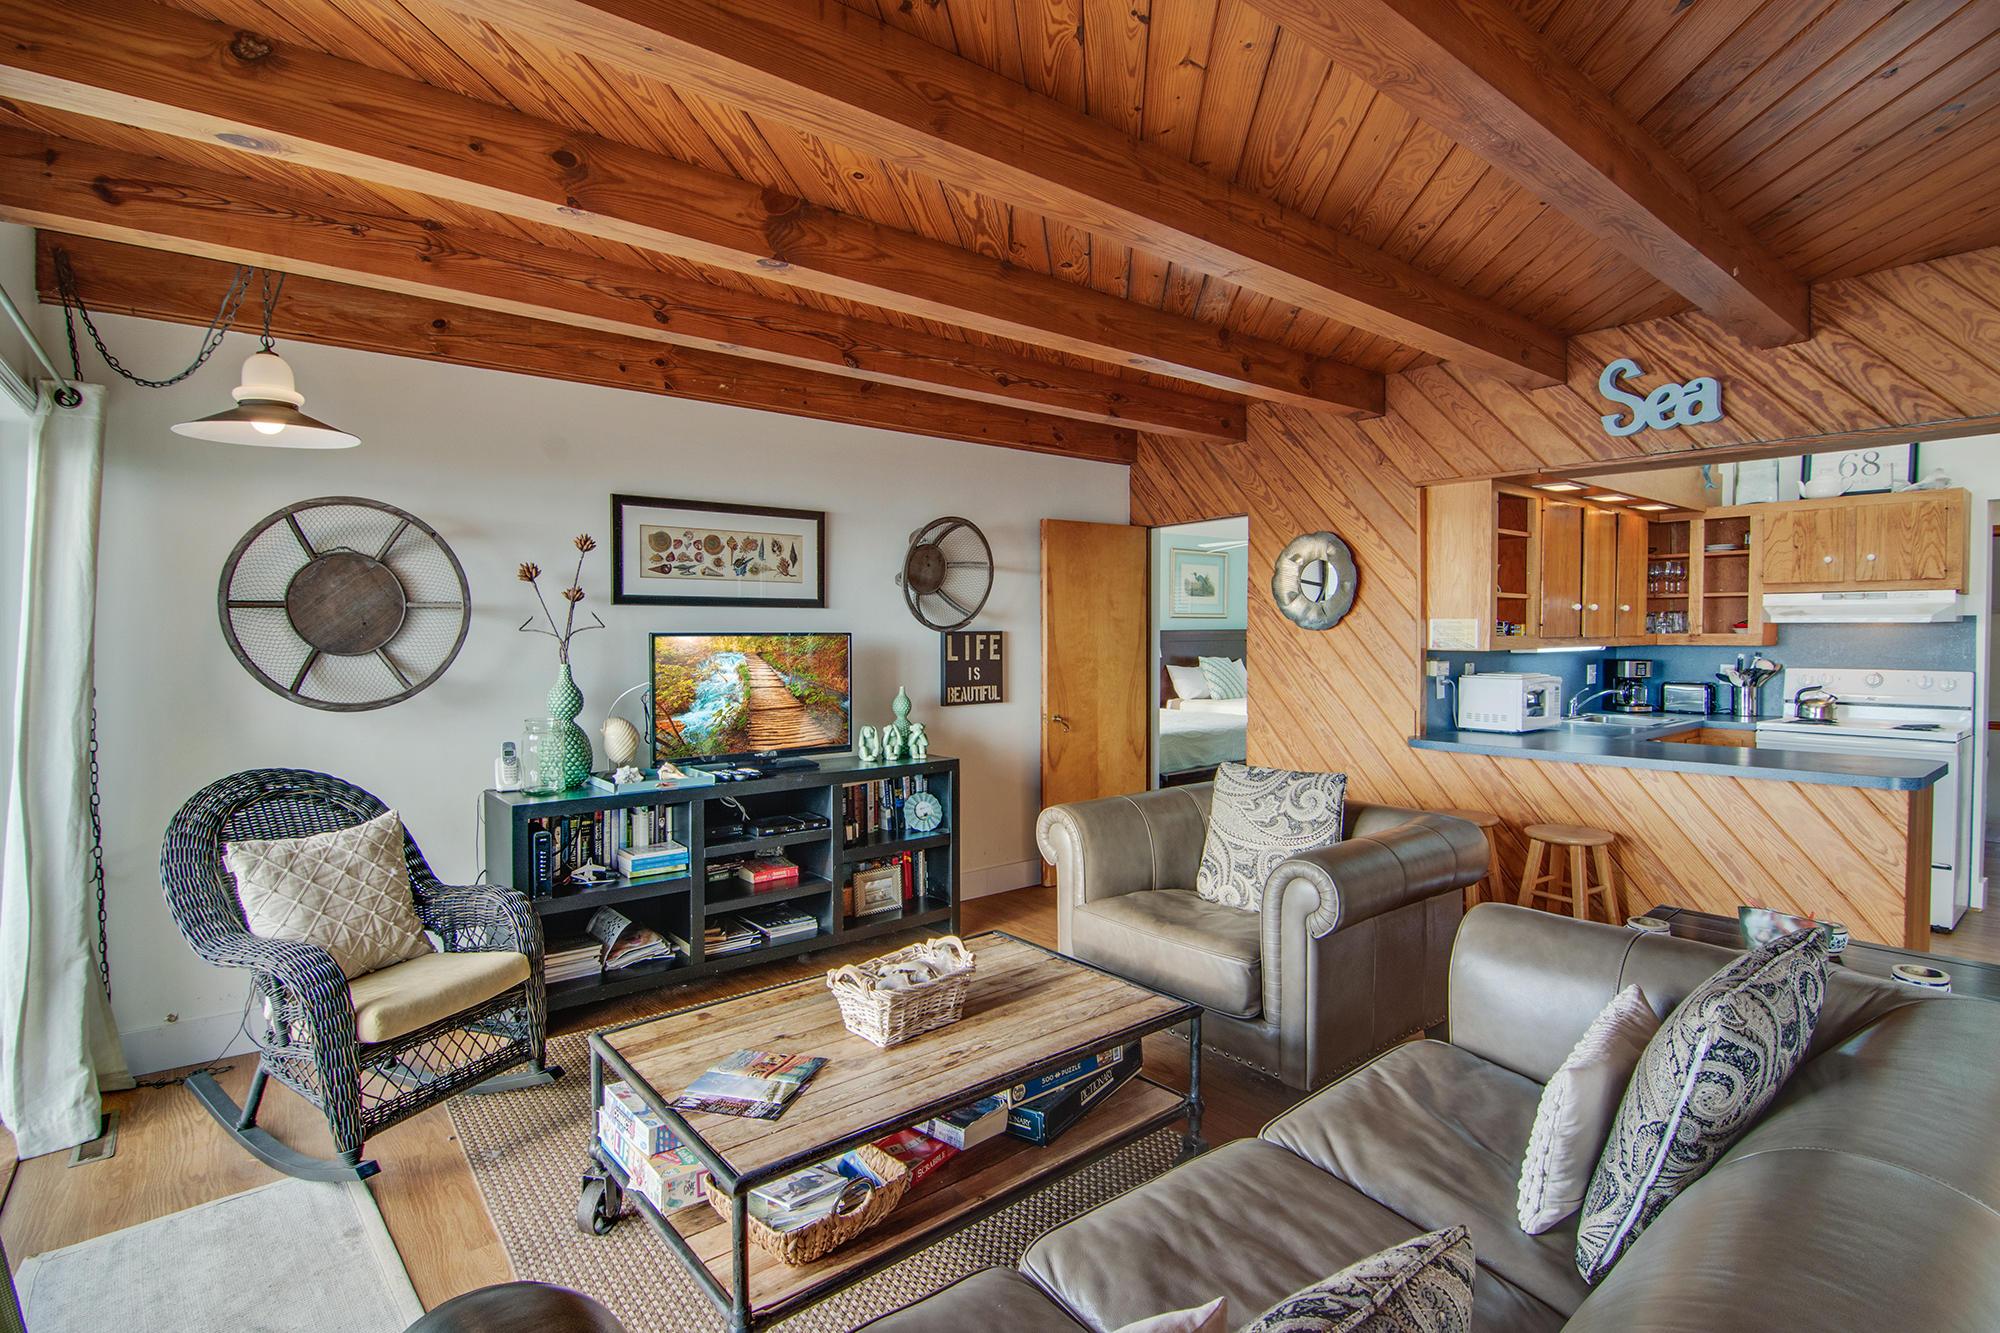 Folly Beach Homes For Sale - 1703 Ashley, Folly Beach, SC - 16